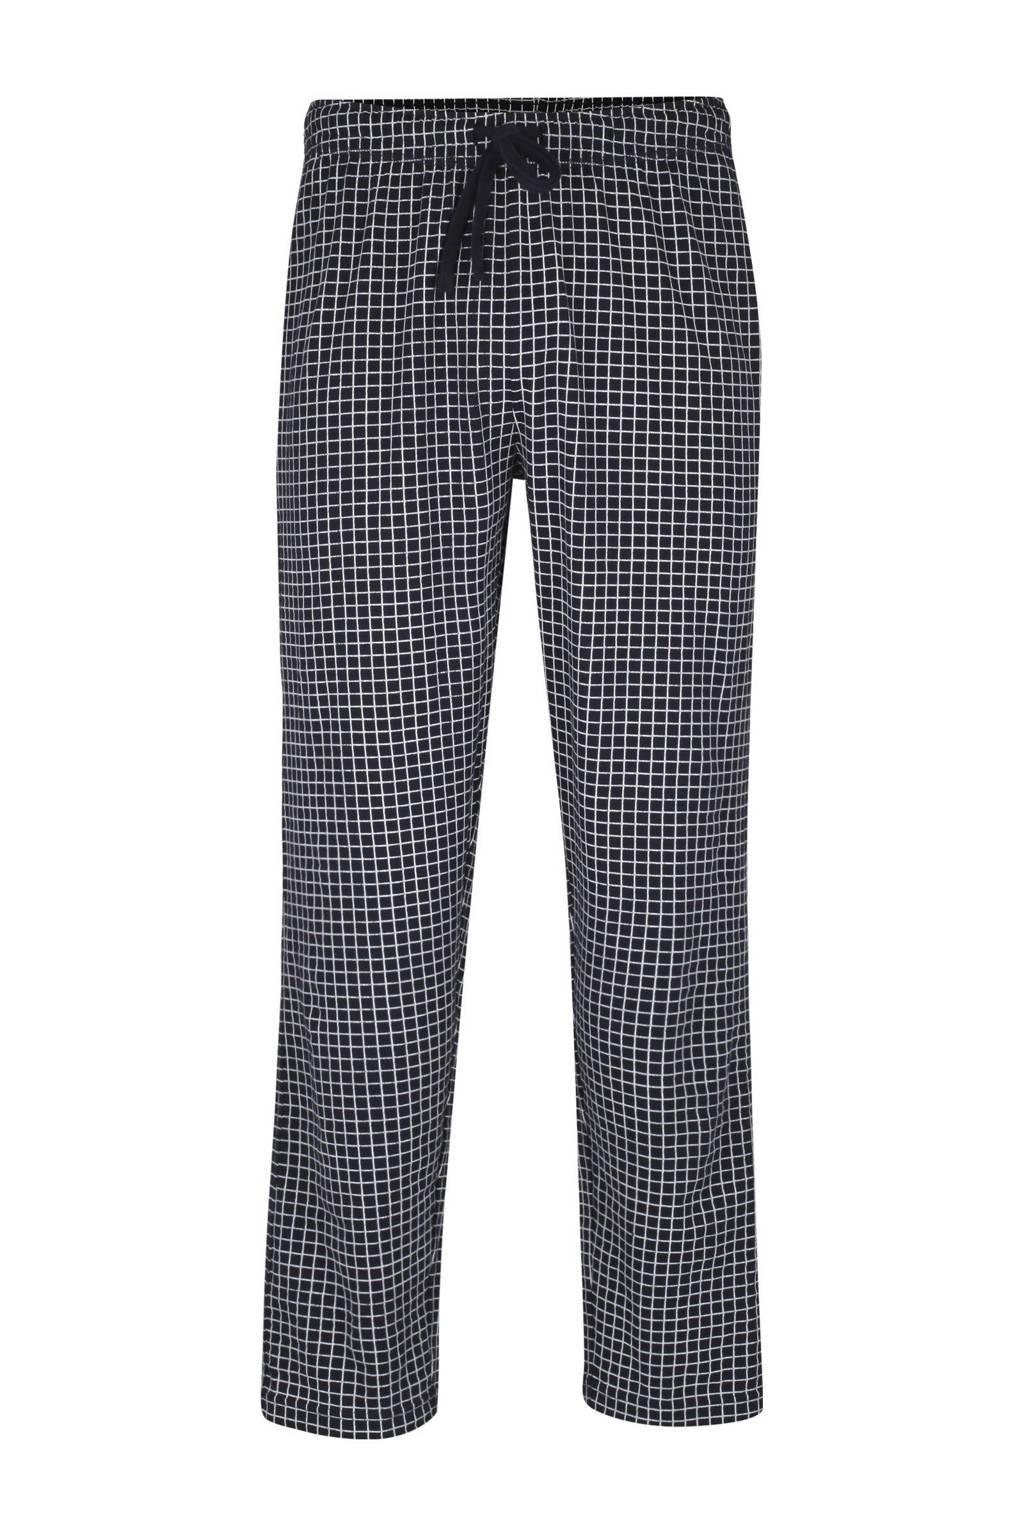 Ceceba geruite pyjamabroek donkerblauw, Donkerblauw